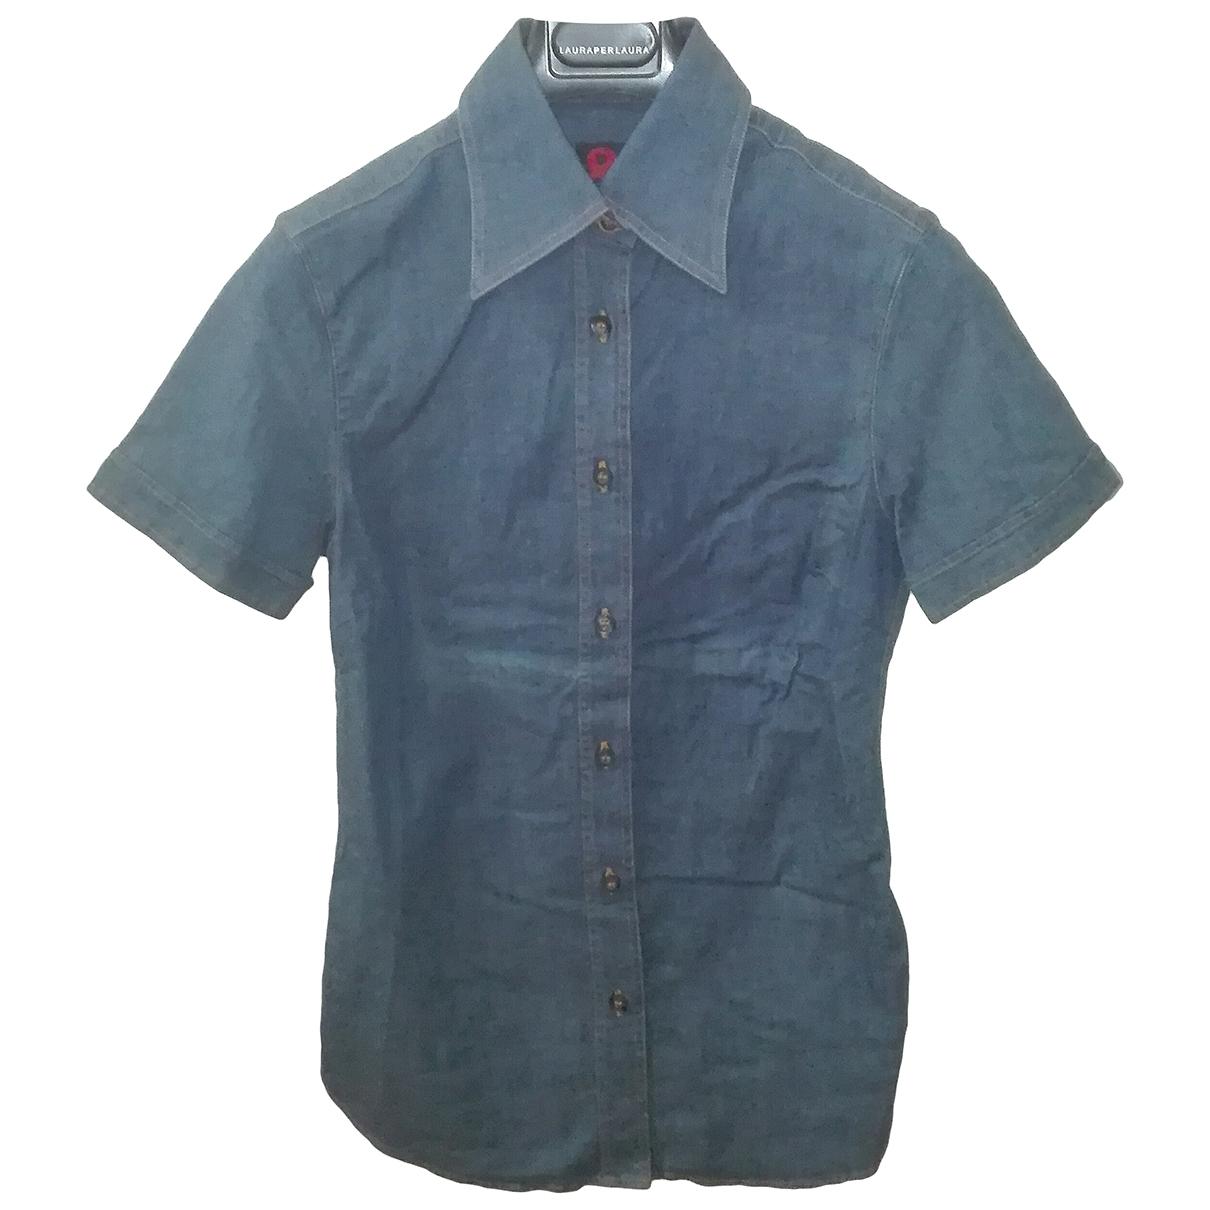 D&g \N Blue Cotton  top for Women 40 IT